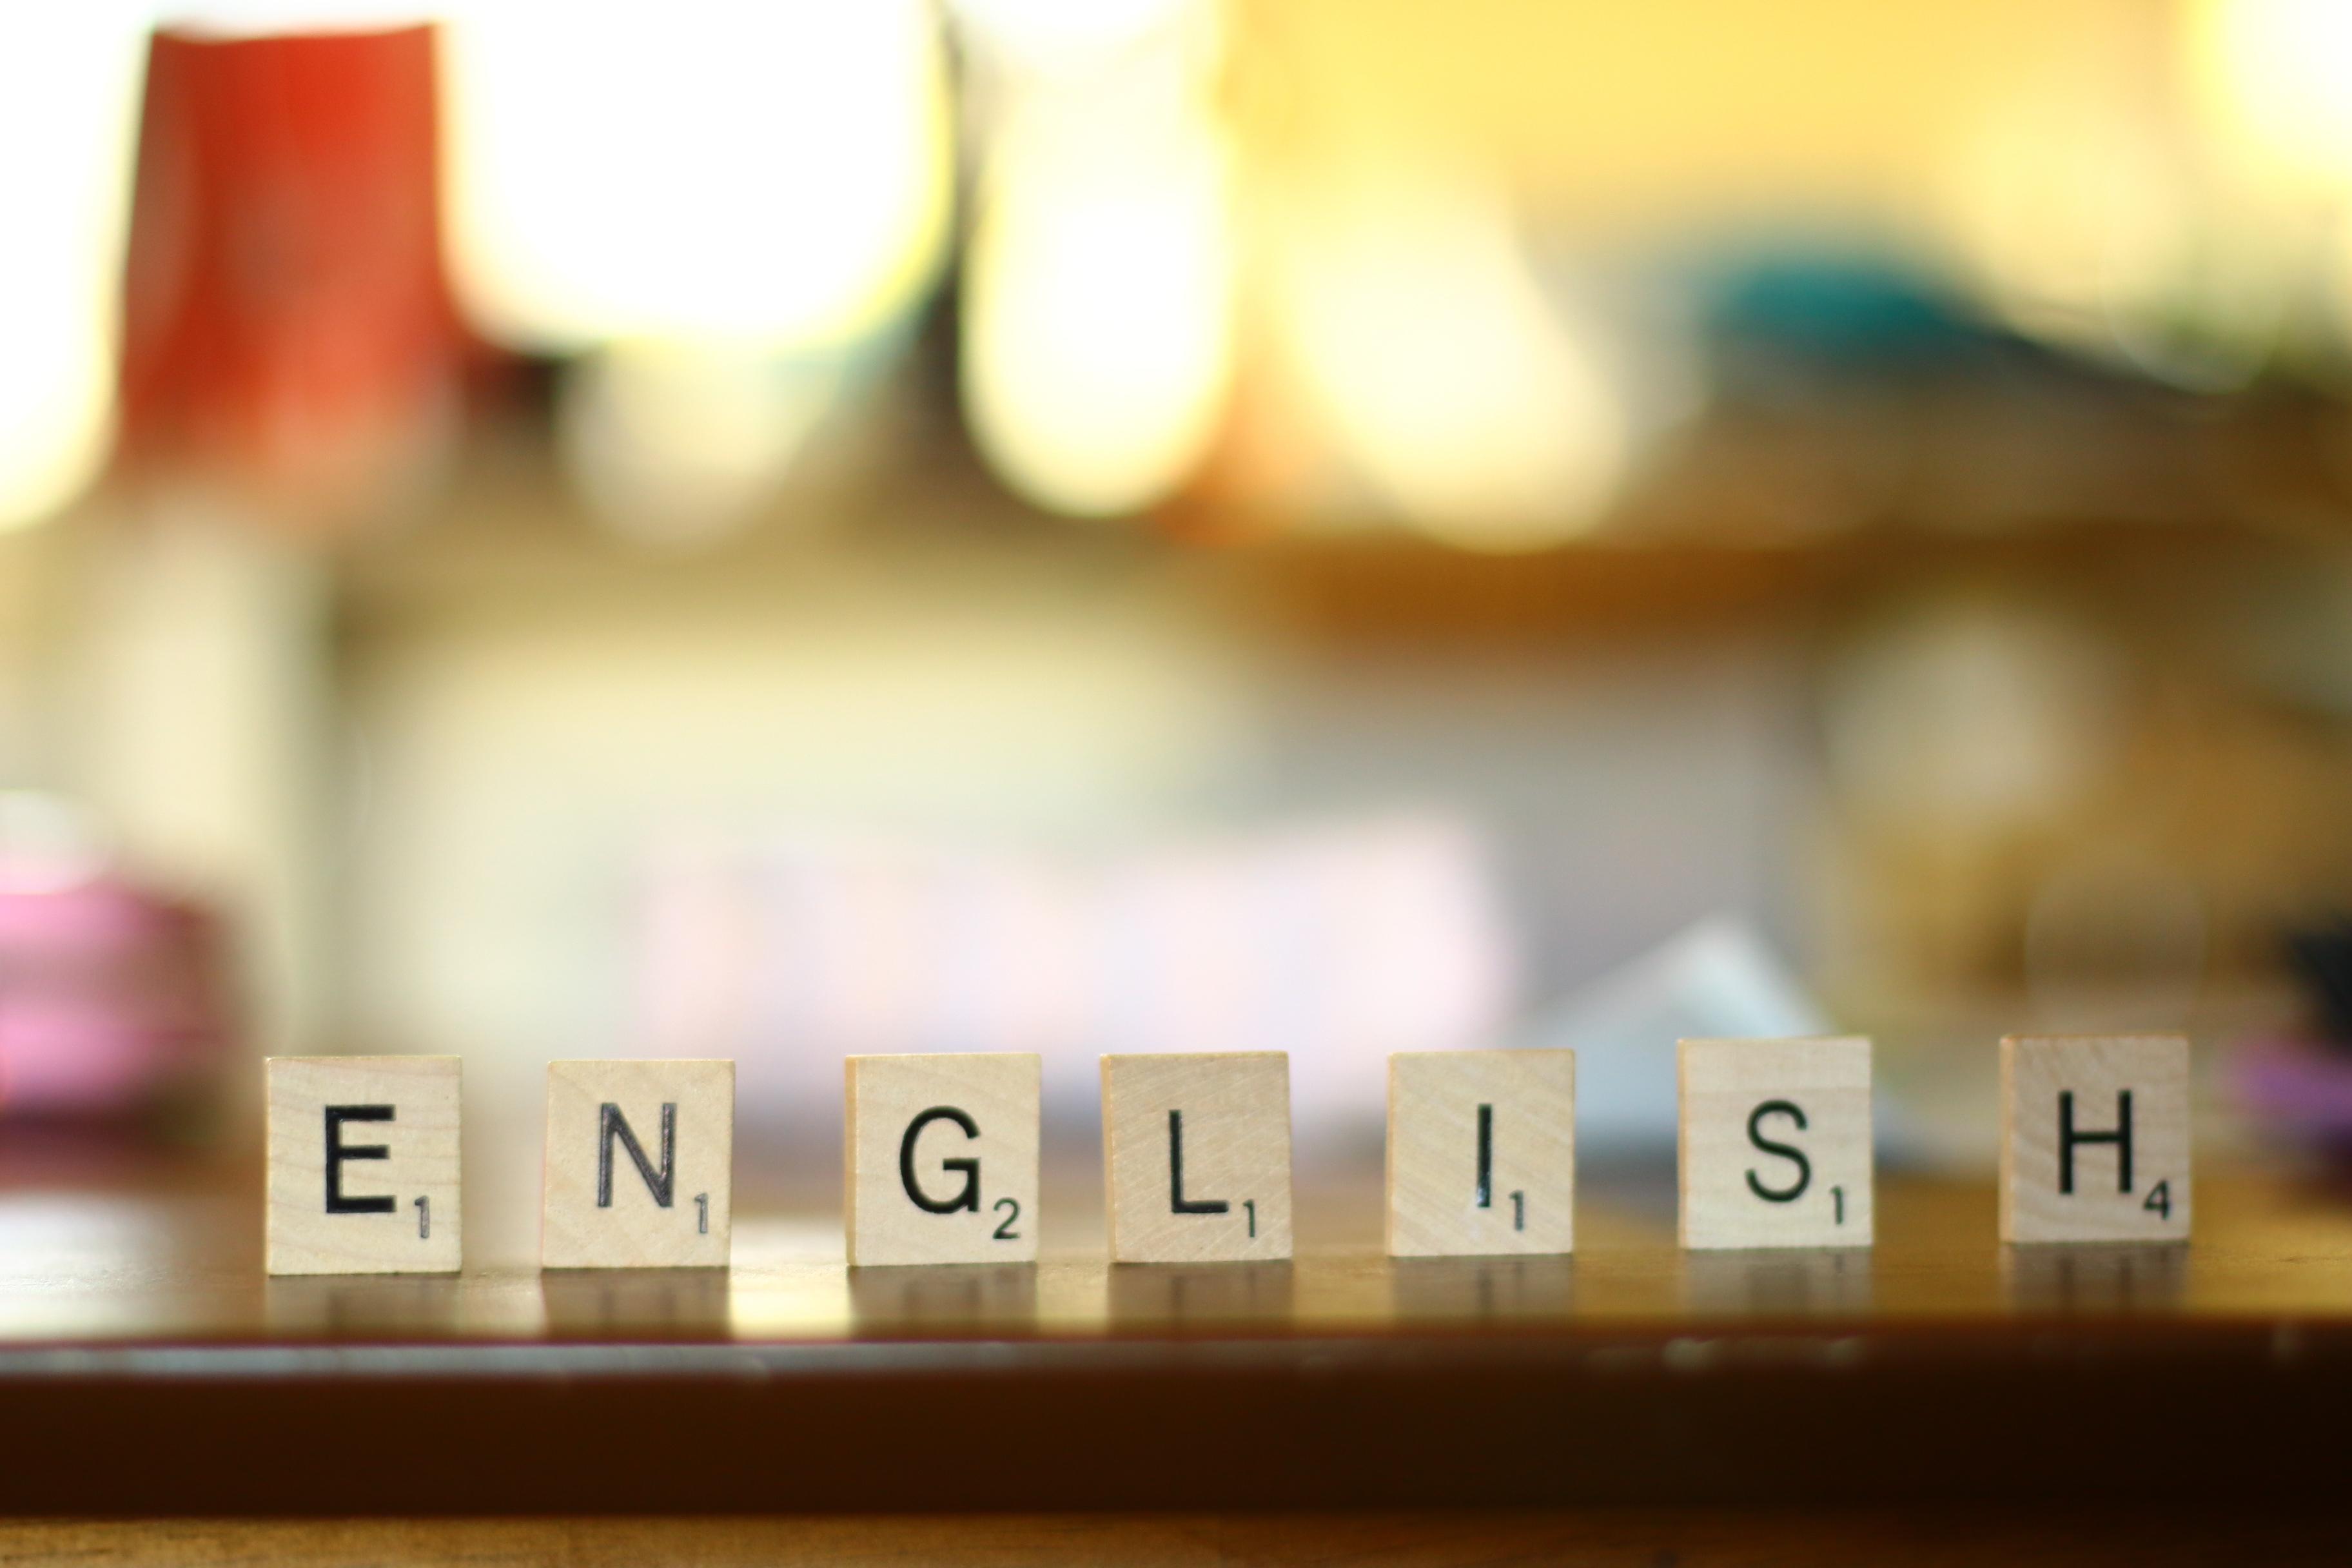 木のチップでenglishと書いている写真